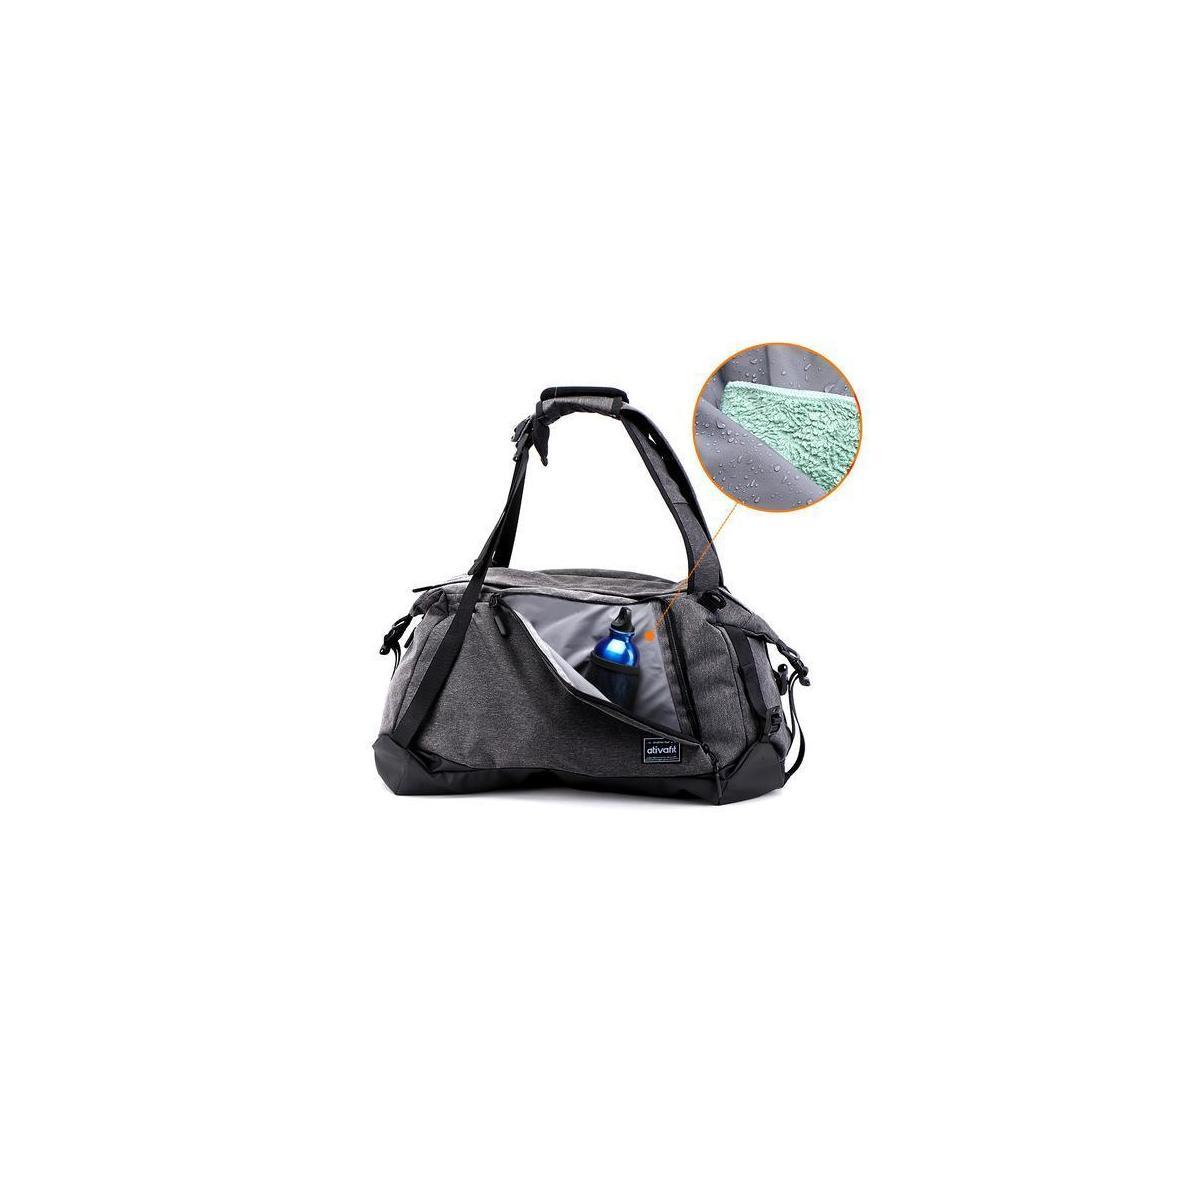 Ativafit 3in1 sports duffel travelling bag